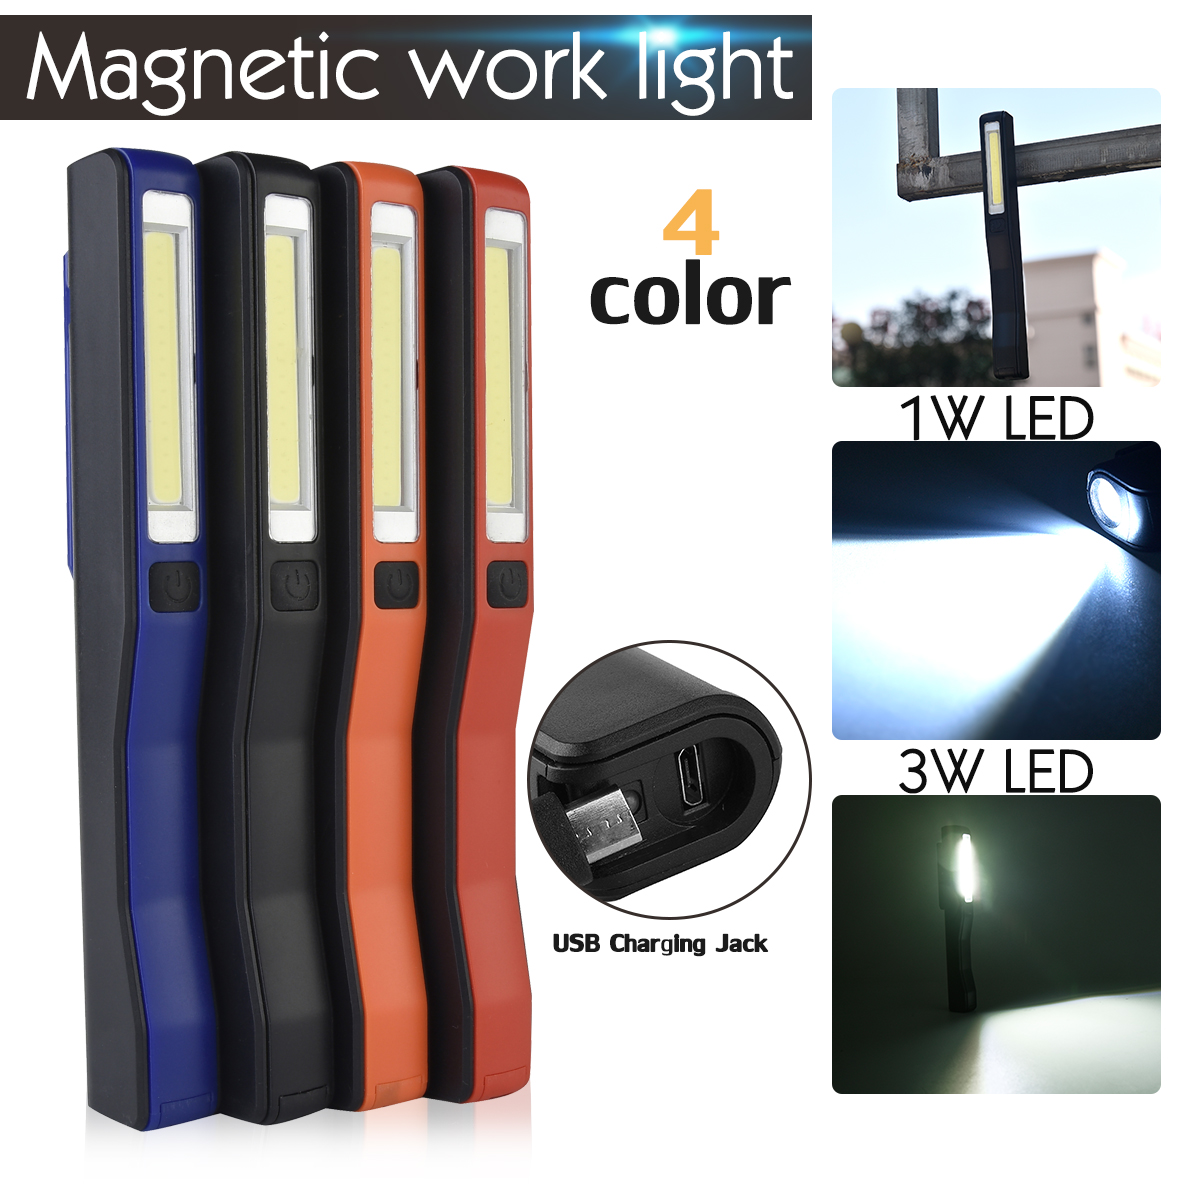 COB LED Taschenlampe Aufladbare USB Magnetic Stift Licht Taschenlampe Arbeit Licht Für Camping Lanterna Taktische Nacht Licht Eingebaute 14500